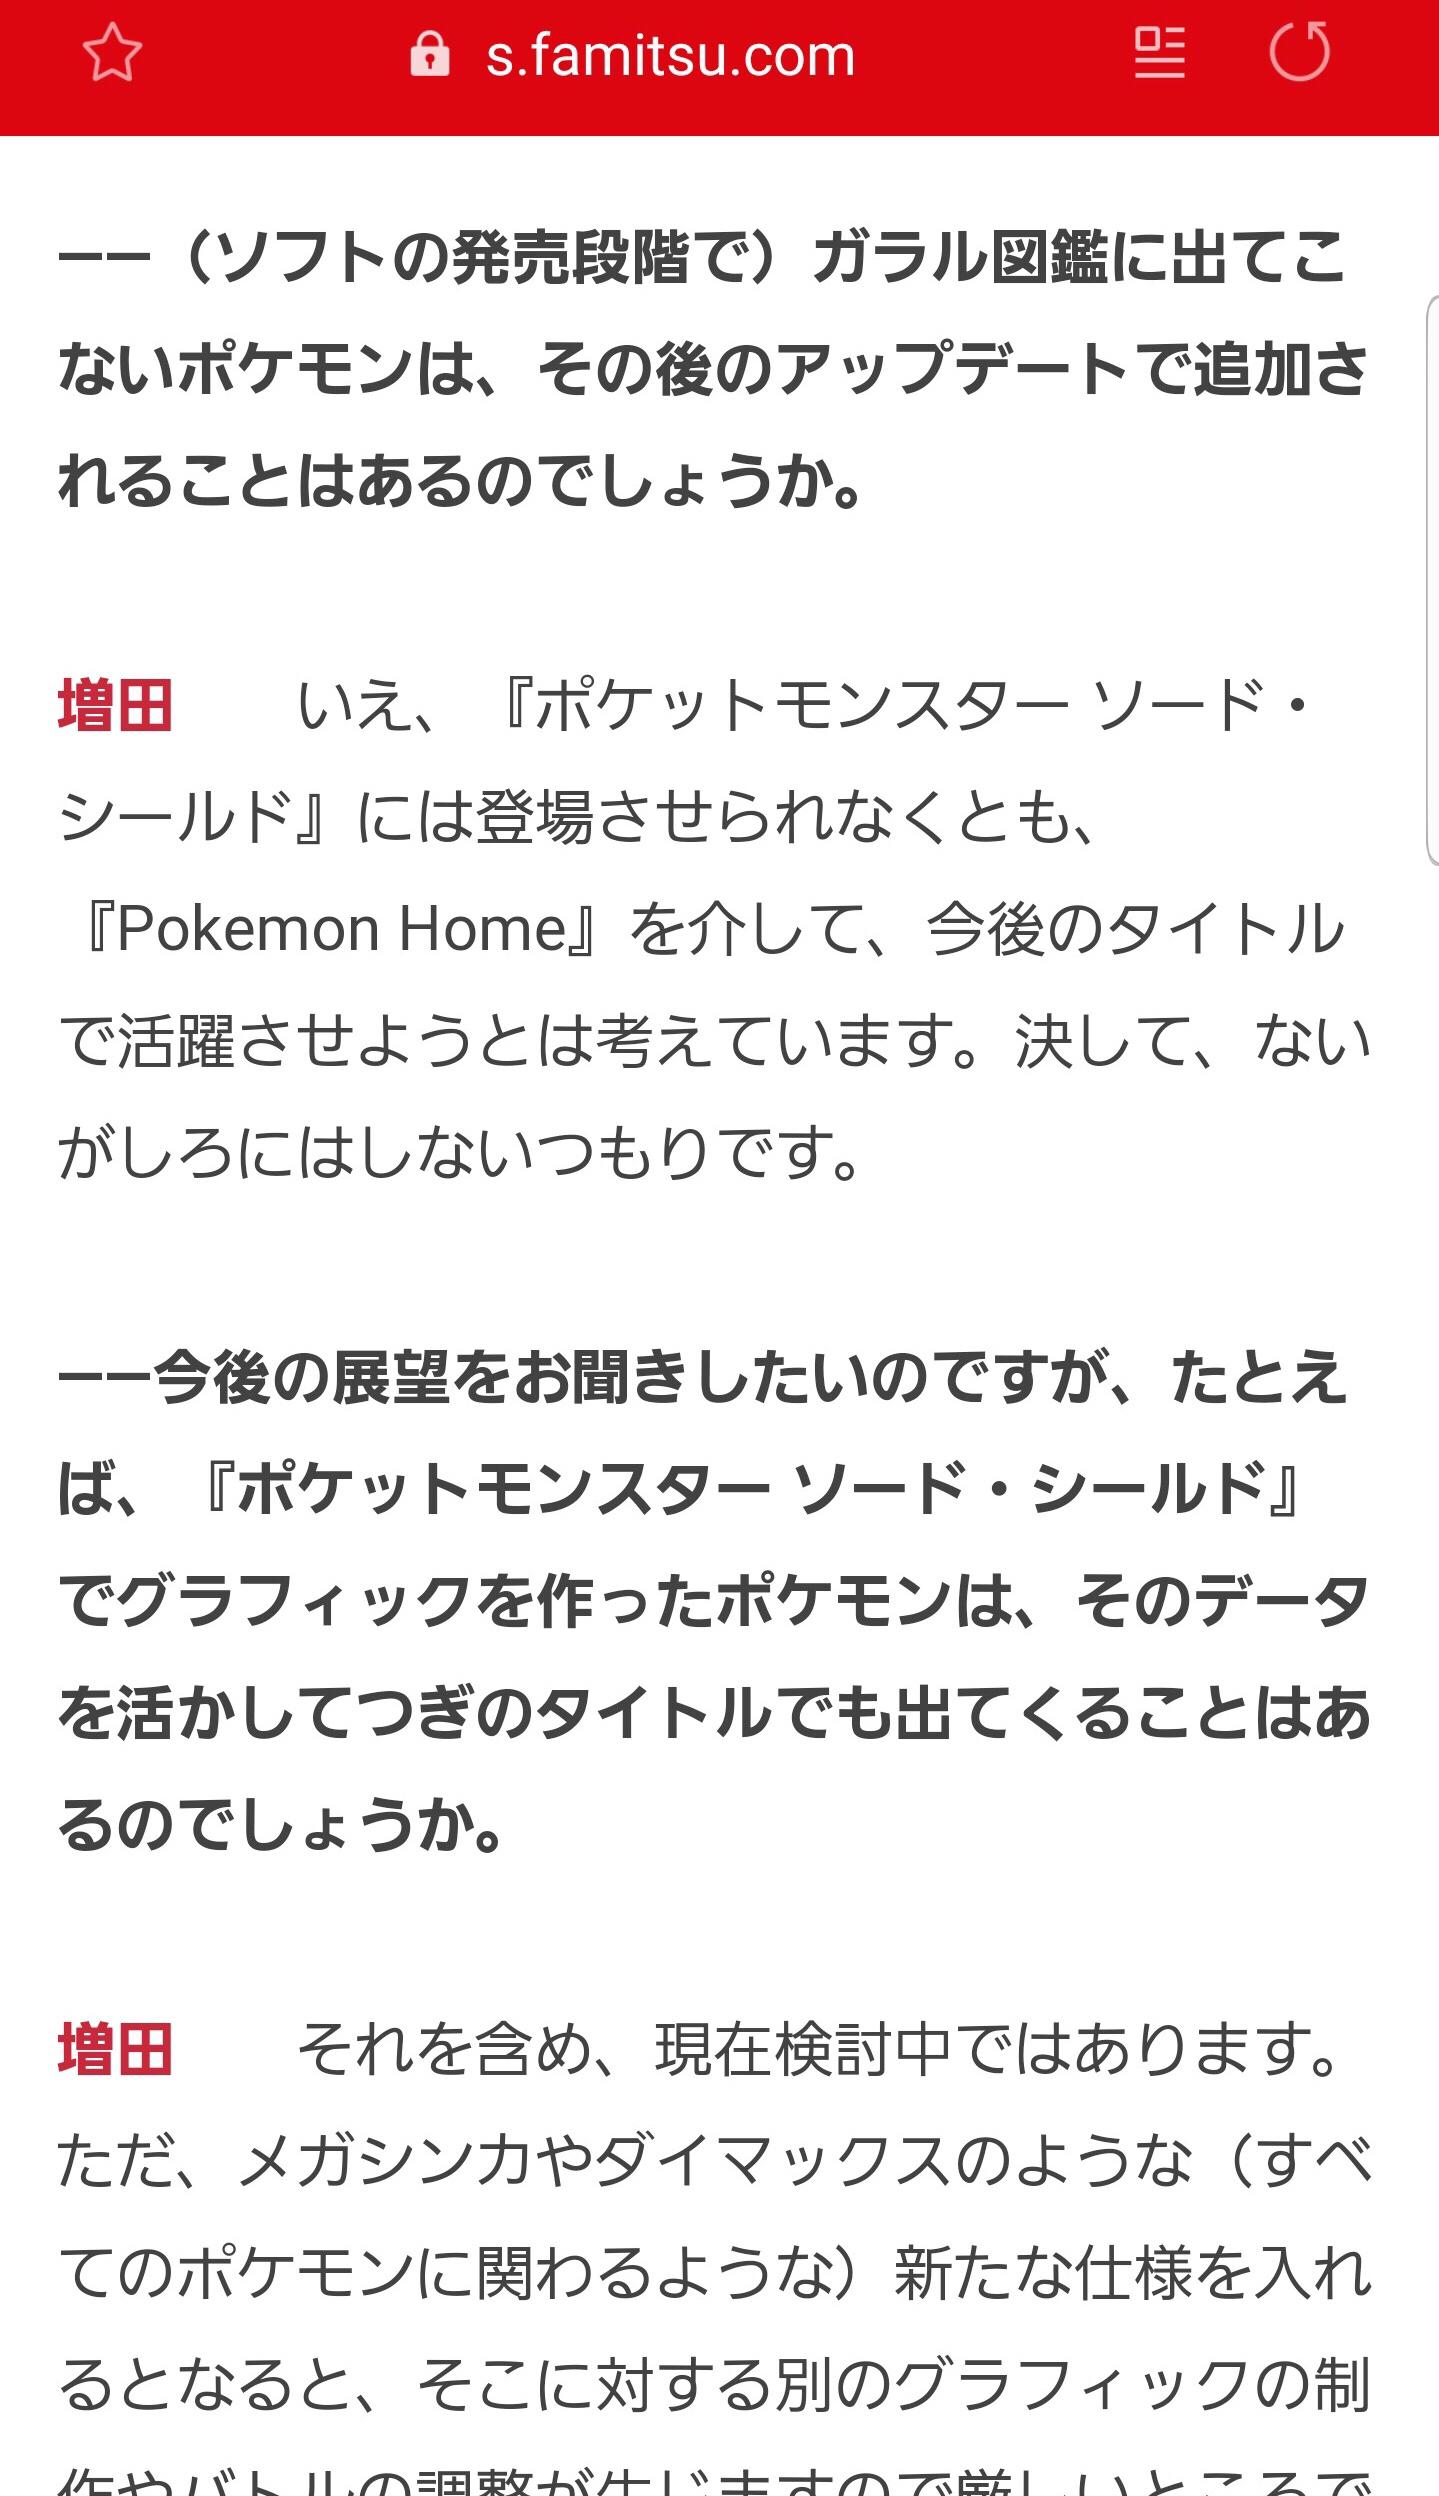 FyTA7Tk - 【悲報】新作ポケモンさん、断トツでE3で最も嫌われたゲームになってしまう ★2